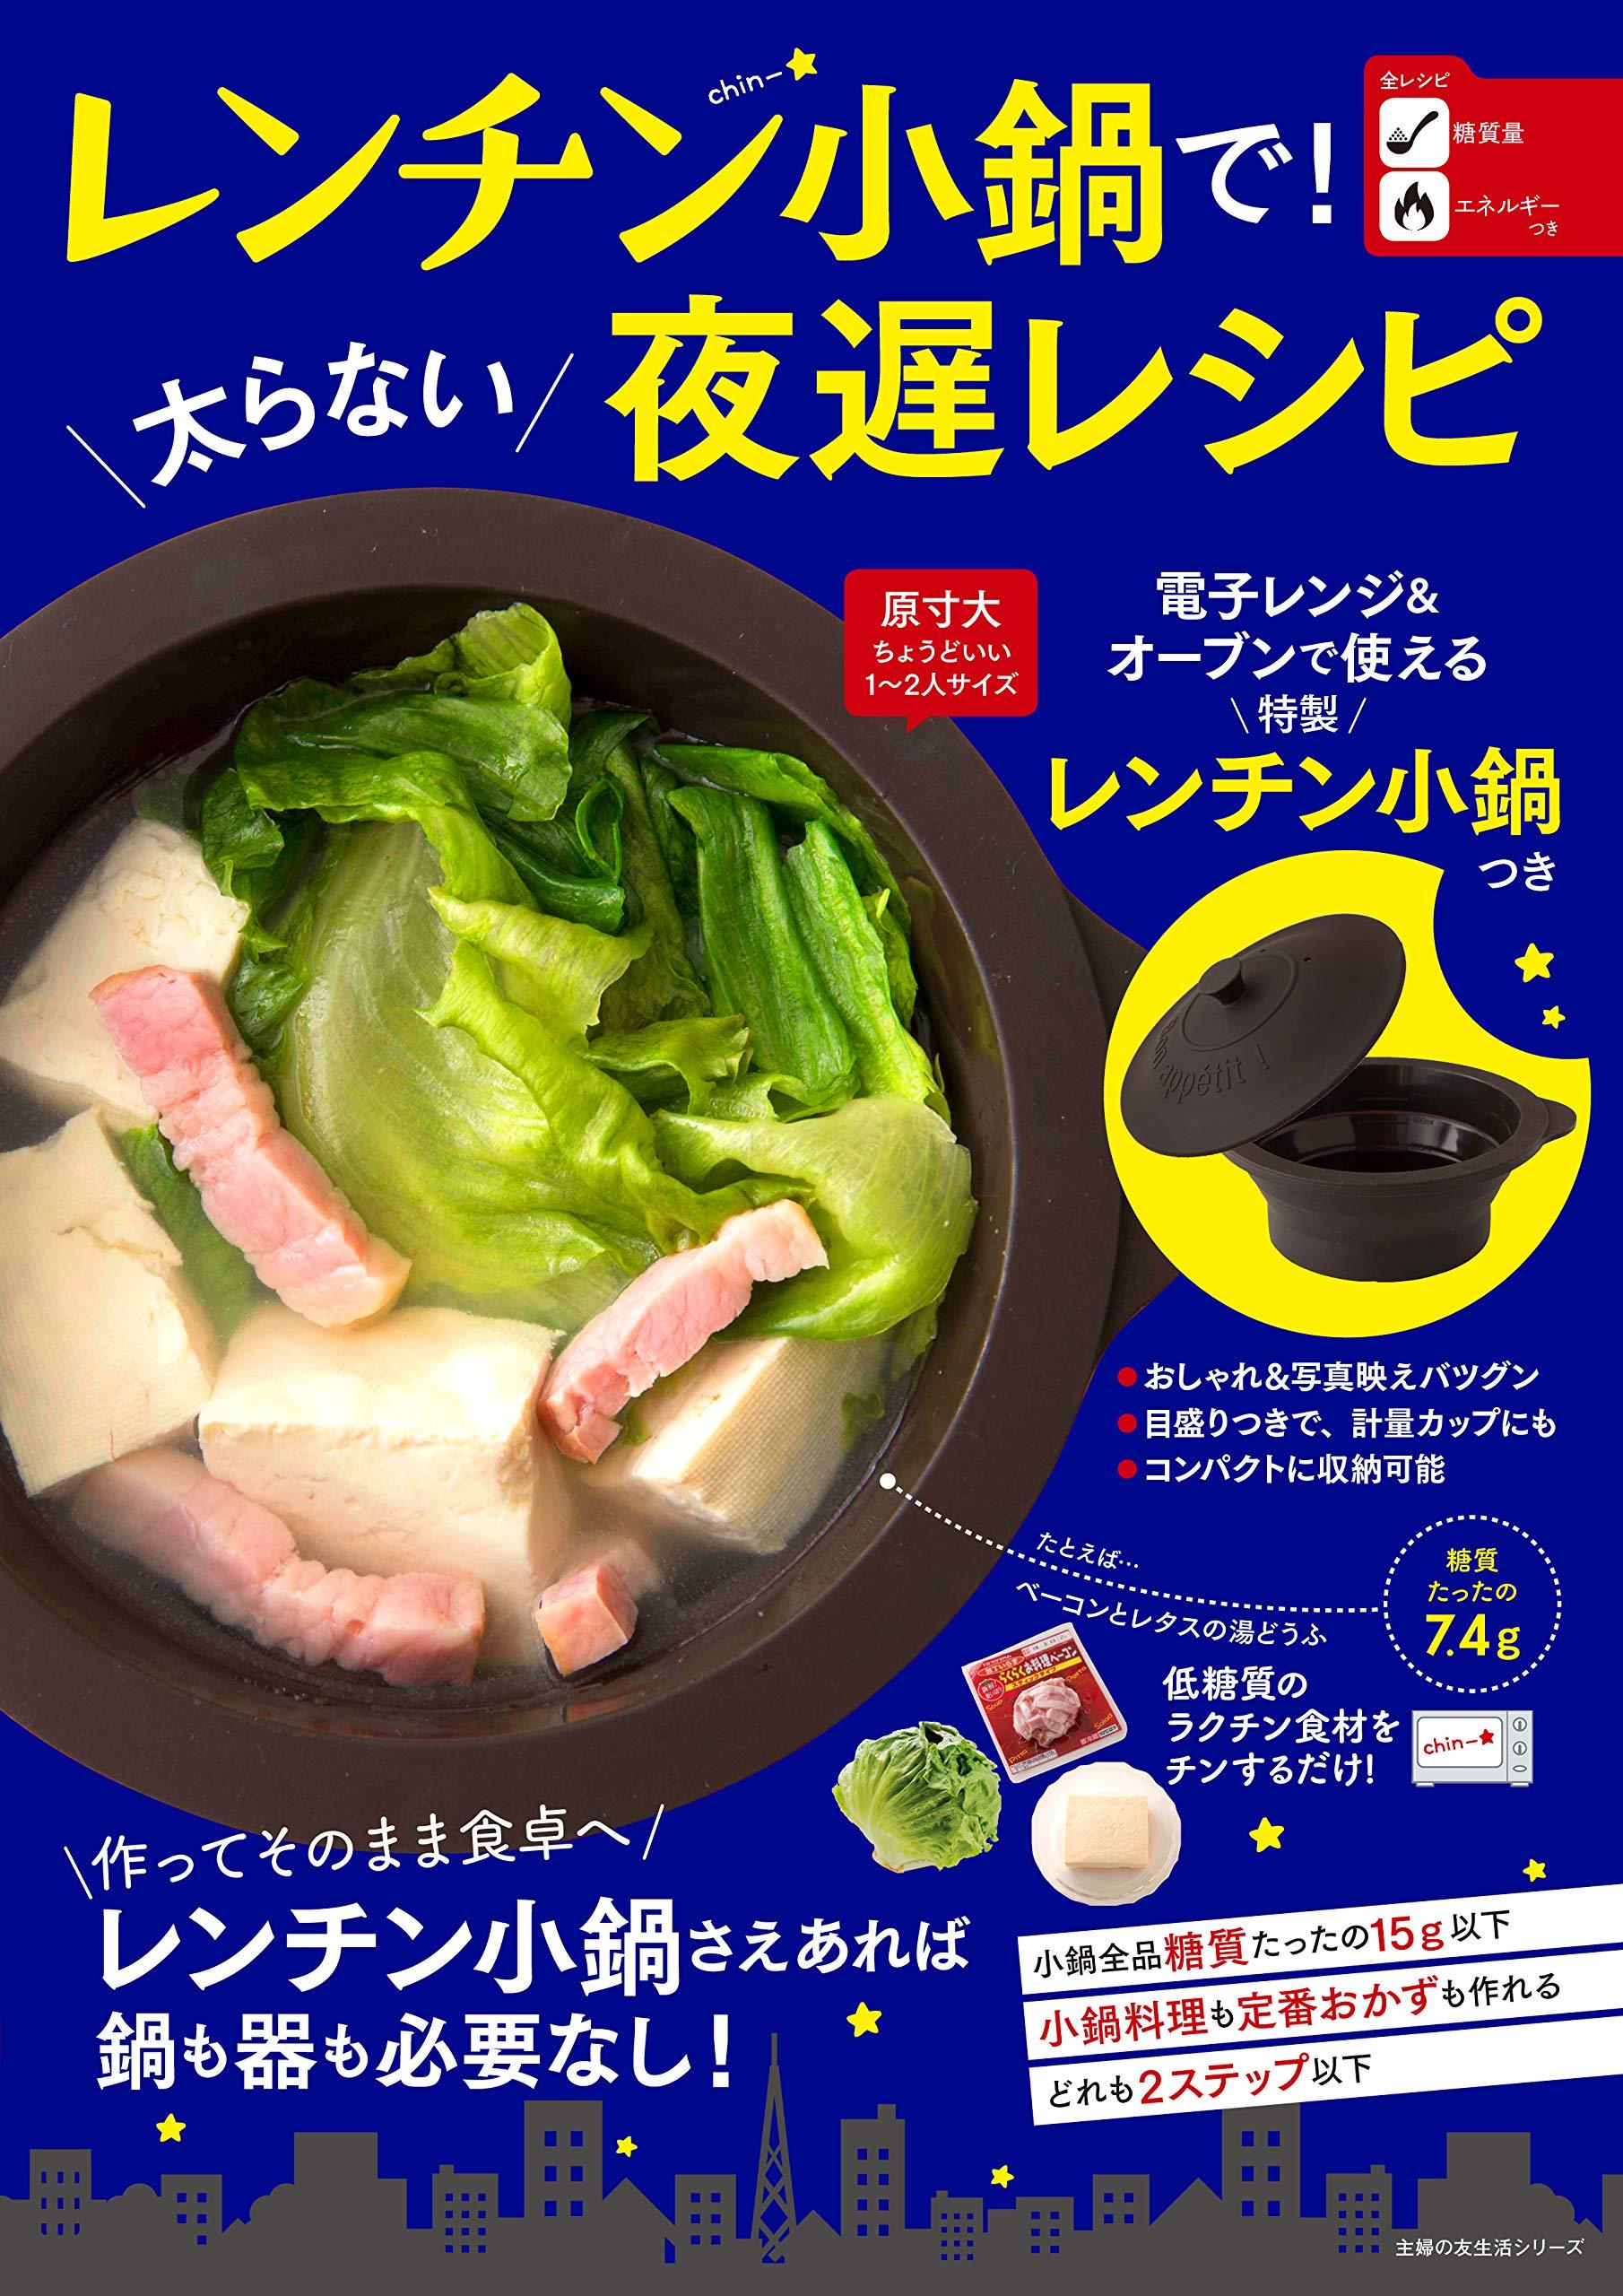 レンチン小鍋で!太らない夜遅レシピ 編集:主婦の友社